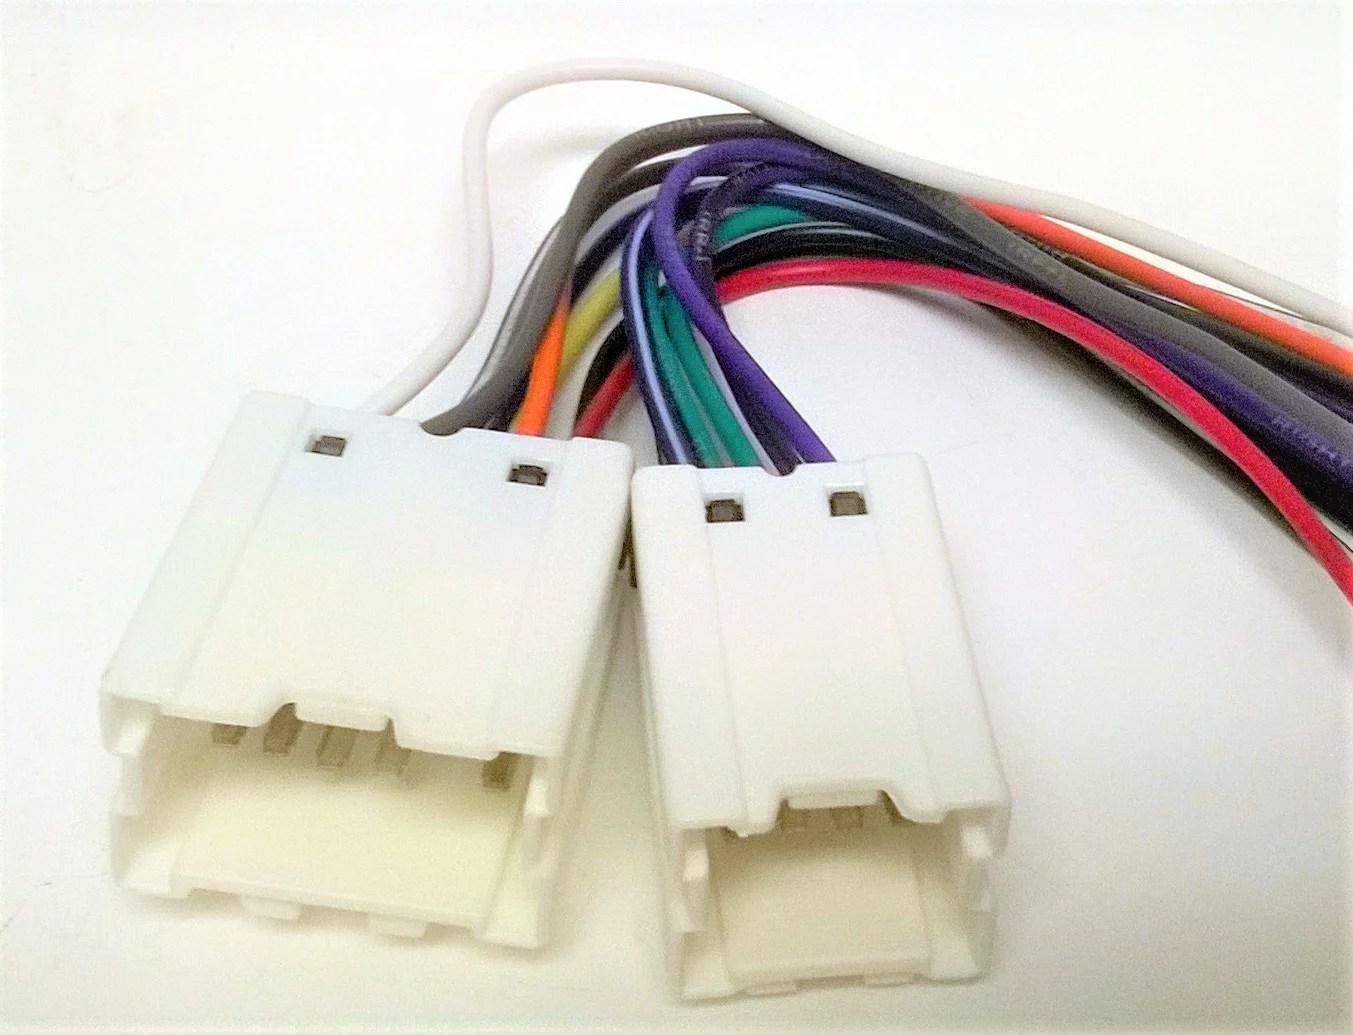 carxtc radio wire harness installs new car stereo fits infiniti i30carxtc radio wire harness installs new [ 1353 x 1035 Pixel ]